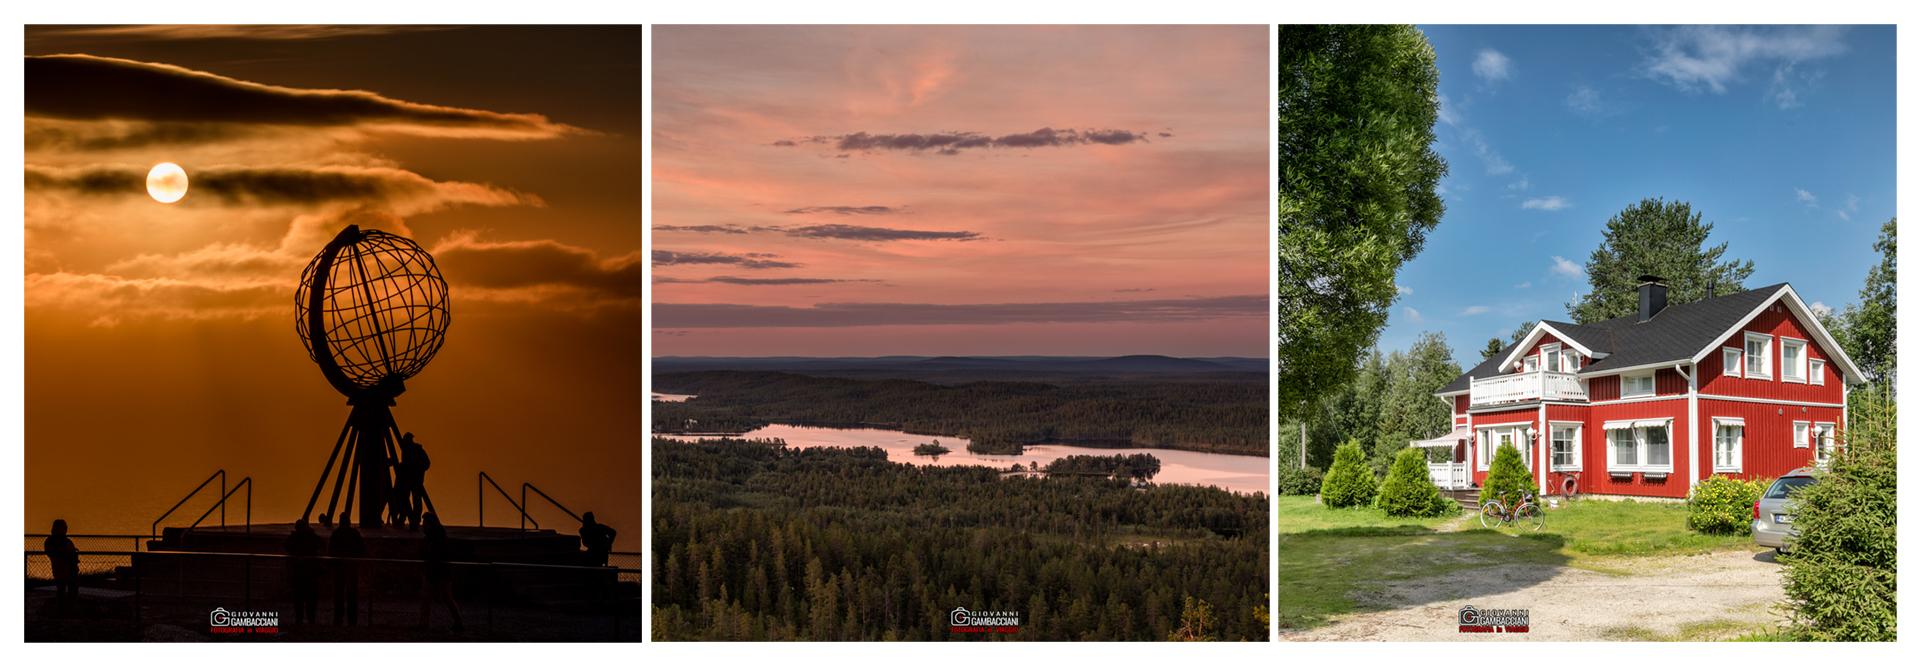 Viaggi di Gruppo  striscia_B01 [CONCLUSO] Estate in Lapponia e CapoNord: Da Martedì 25 a Lunedì 31 Luglio 2017